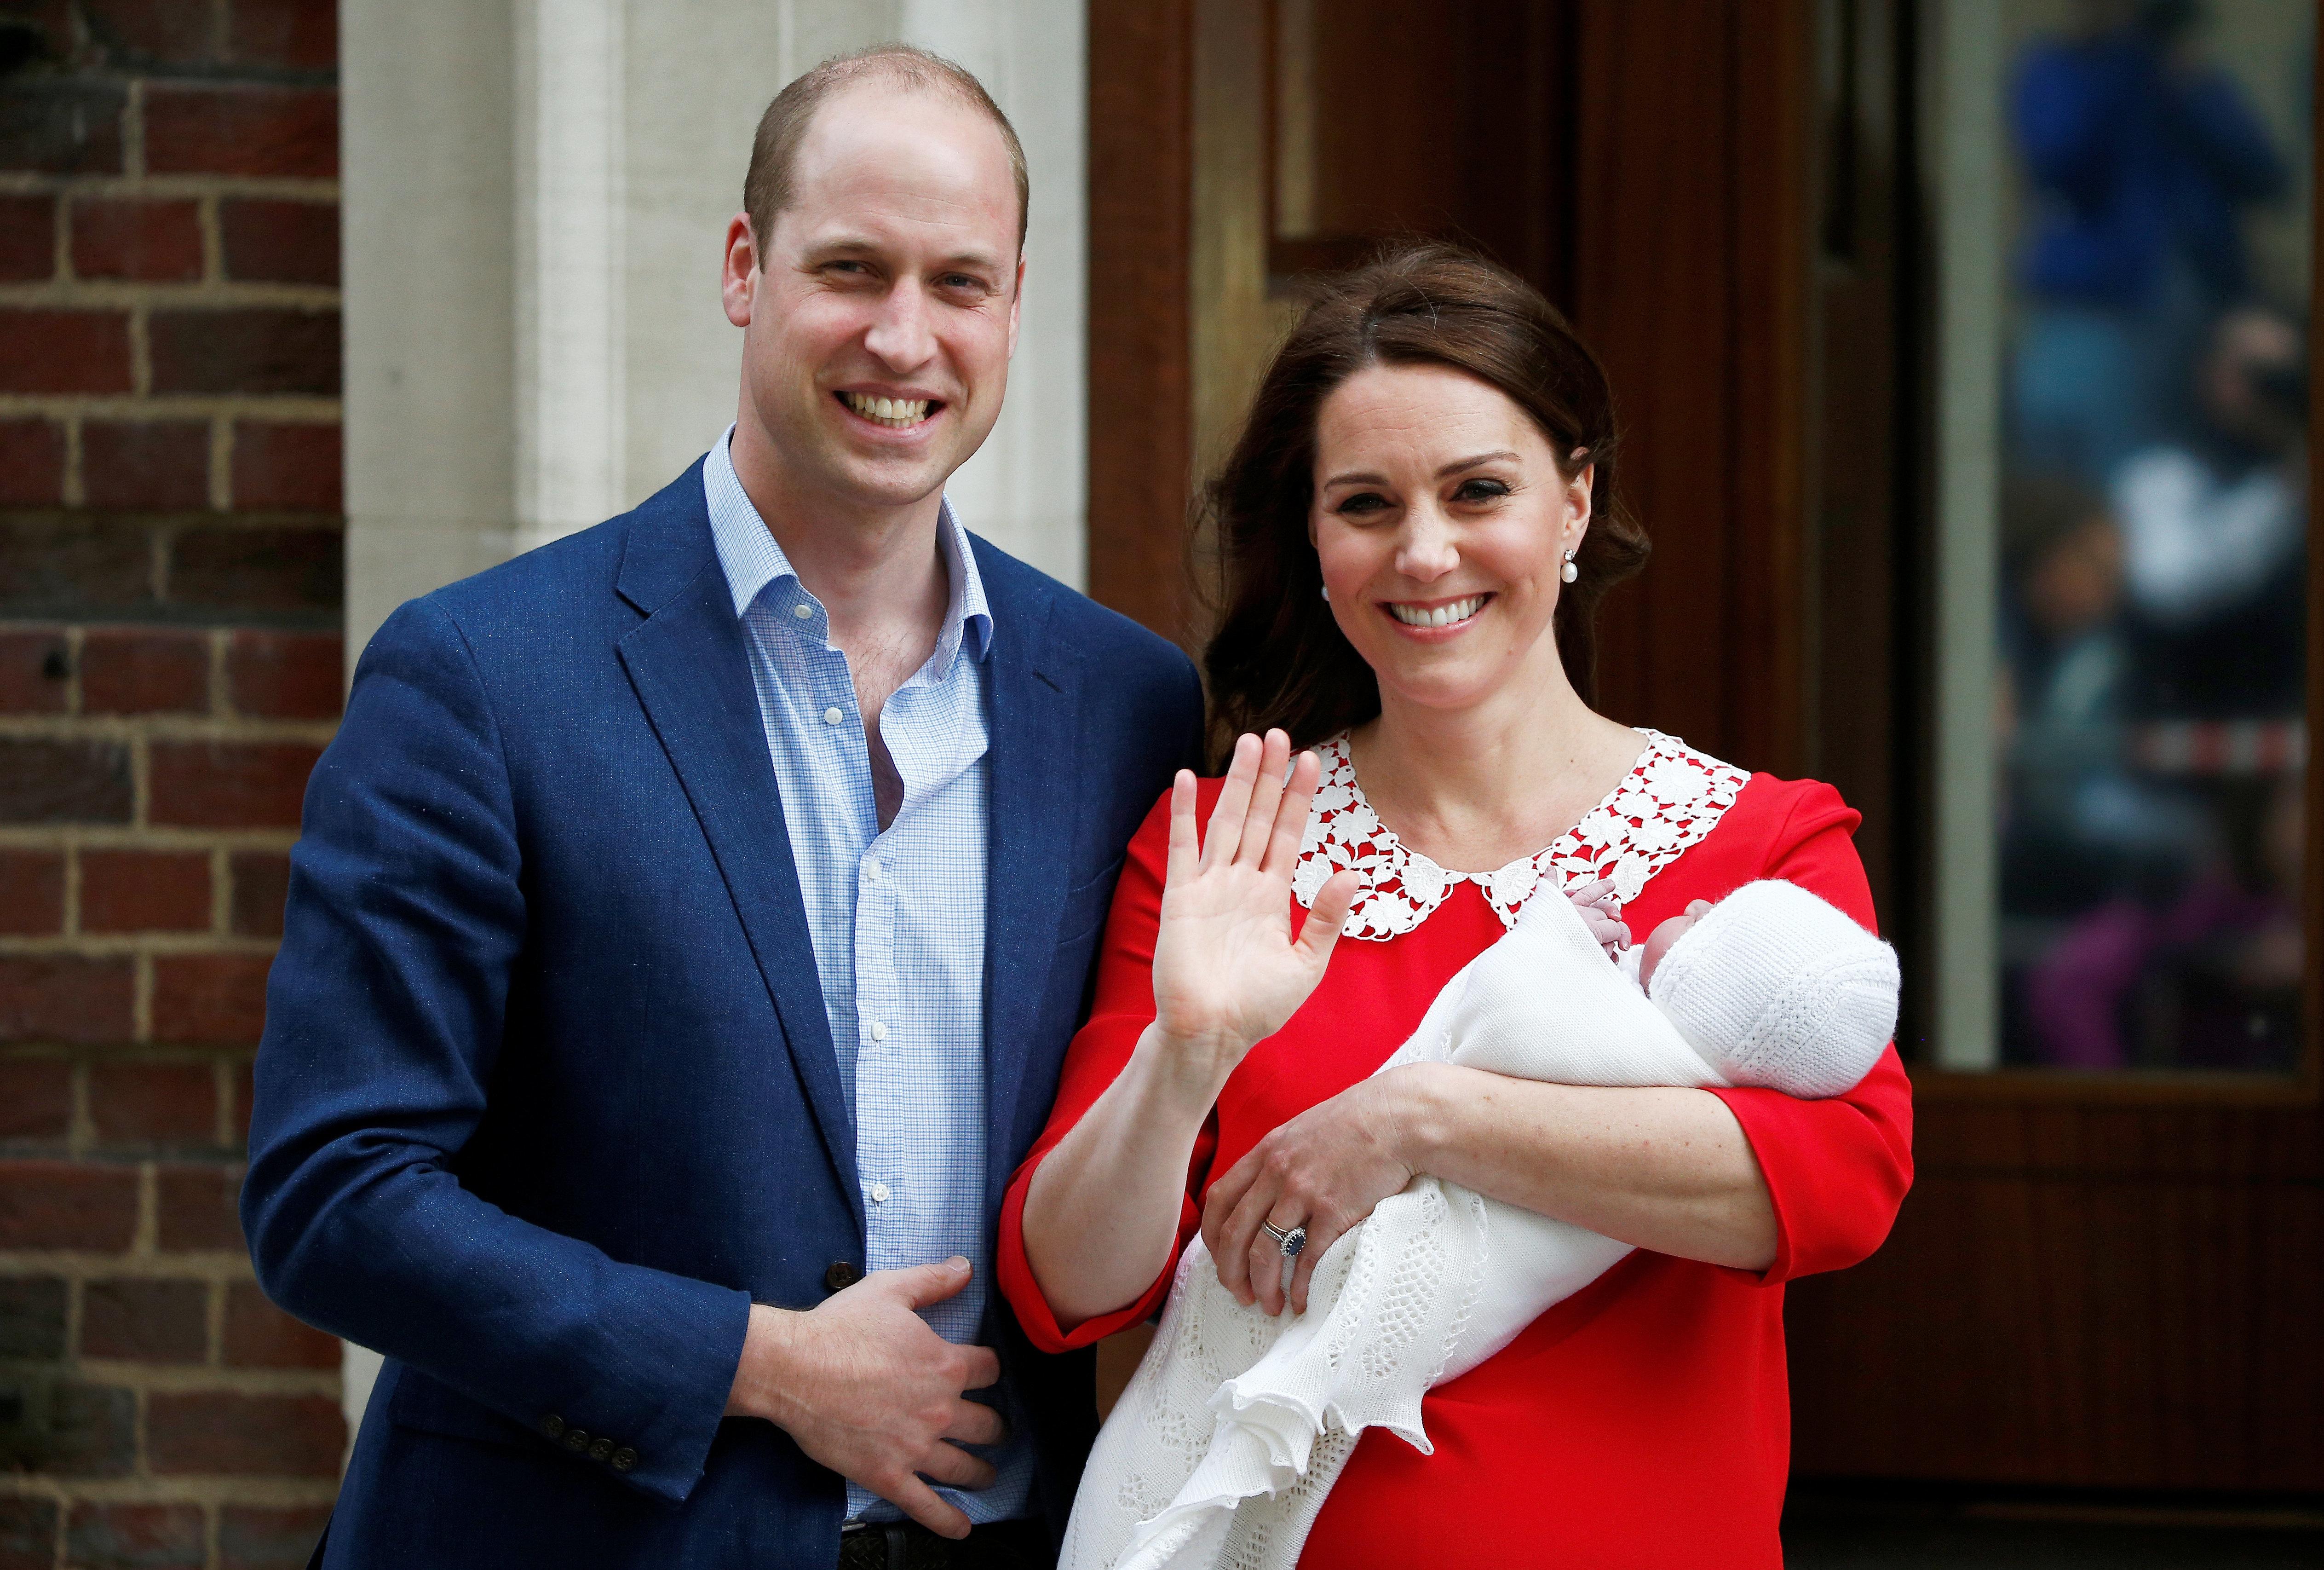 The Royal Baby Name Has Been Announced: Meet Louis Arthur